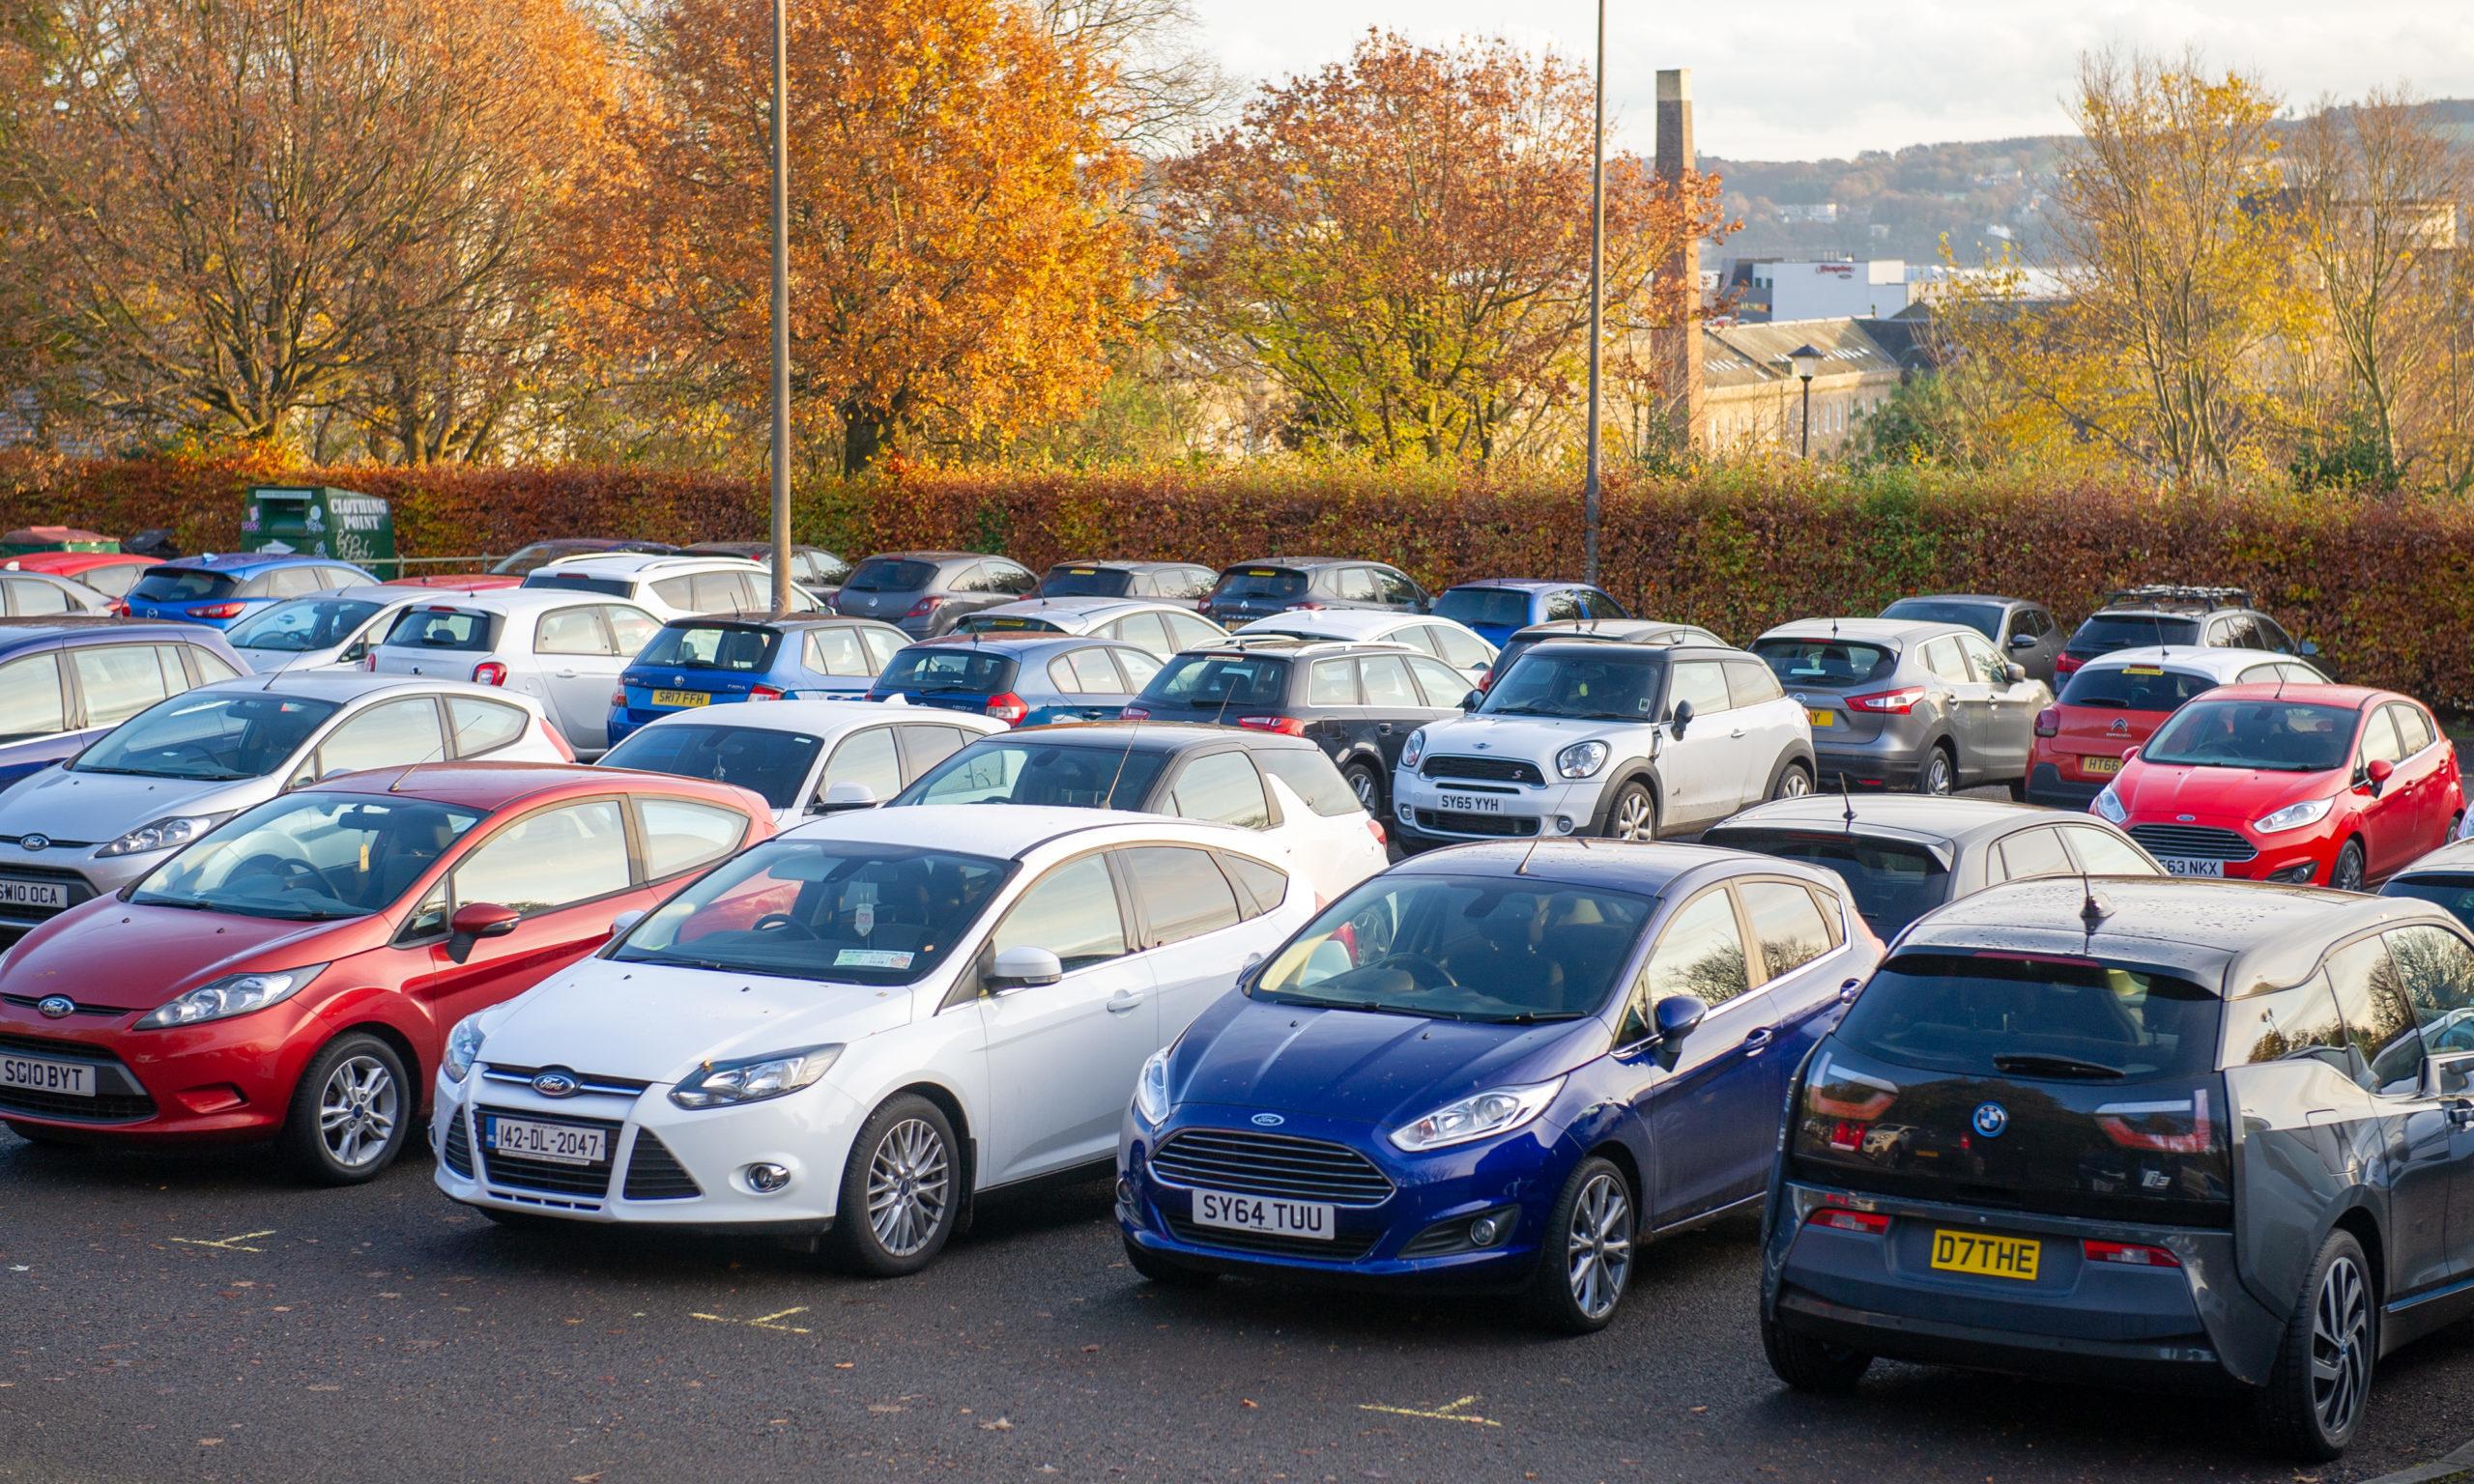 Parking at Dudhope Castle car park.